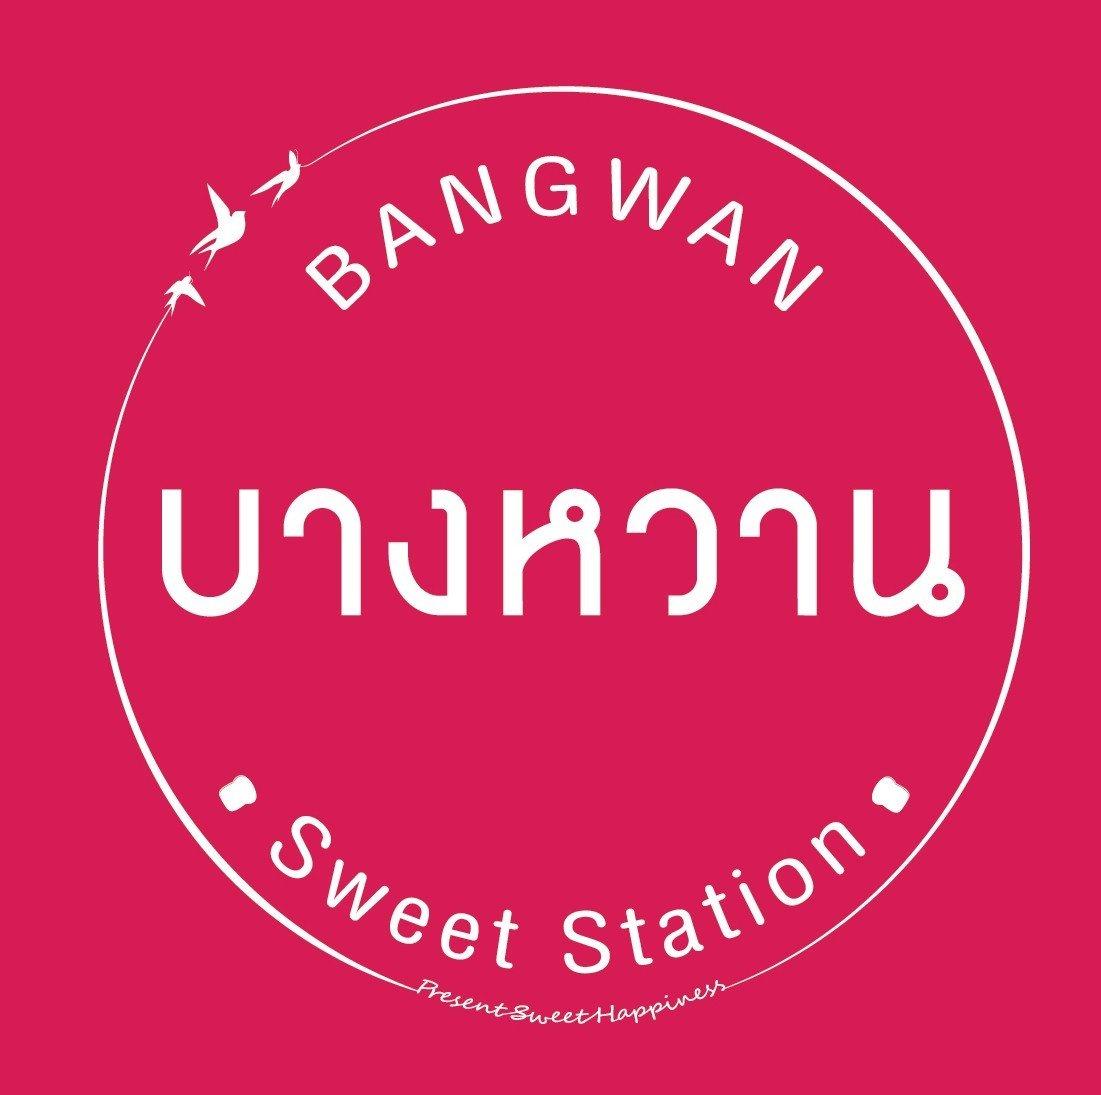 บางหวาน - Bangwan Sweet Station